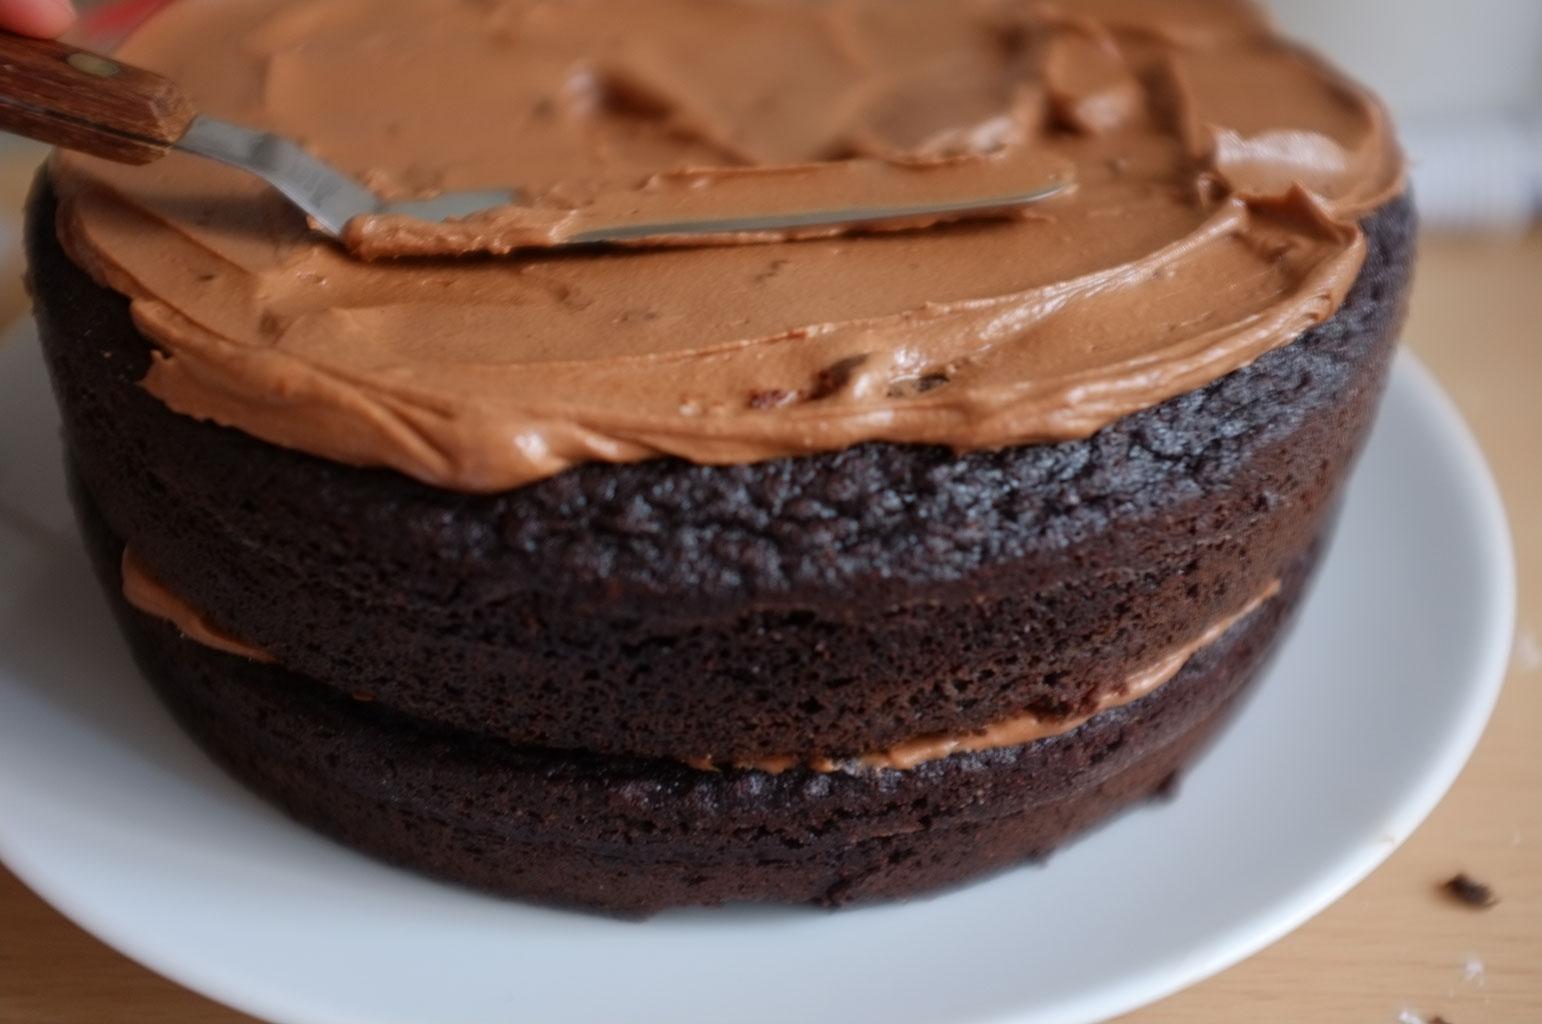 Выравнивание крема на торте лопаткой